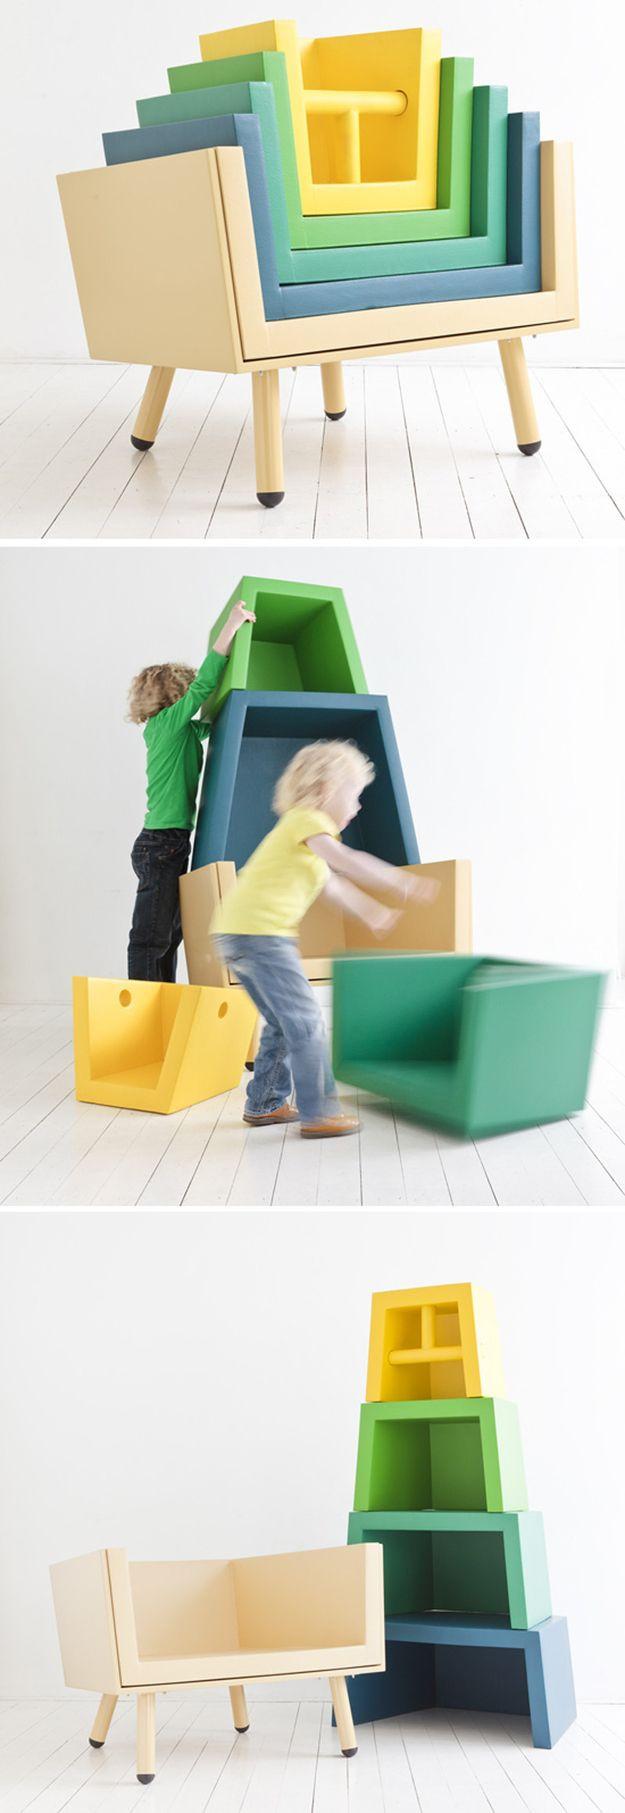 Стеллаж-пирамидка идея из детства